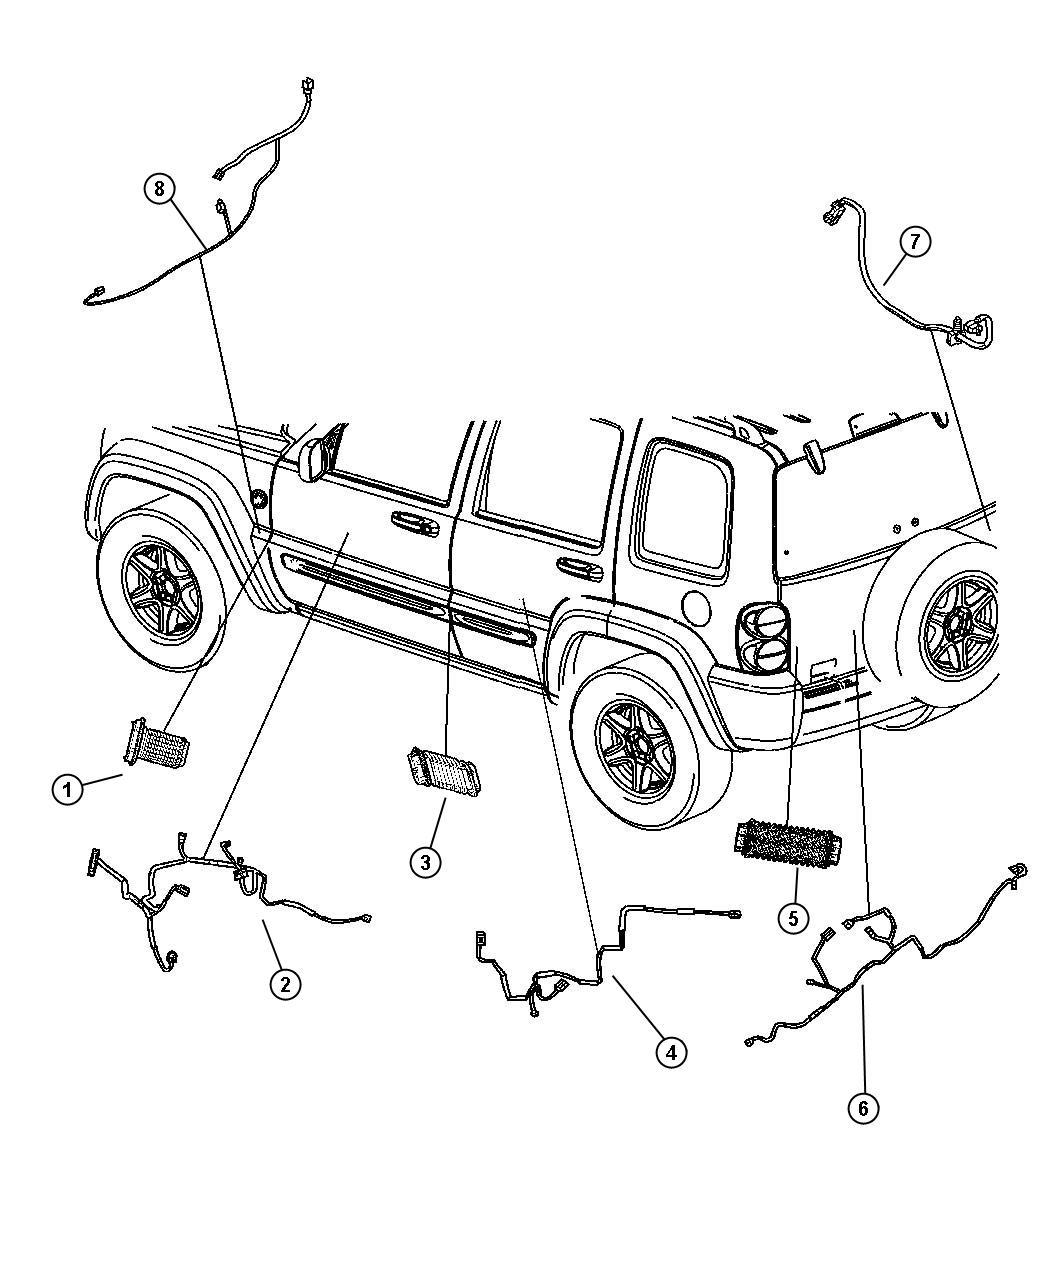 2005 Jeep Liberty Wiring. Jumper, power door lock. Handle